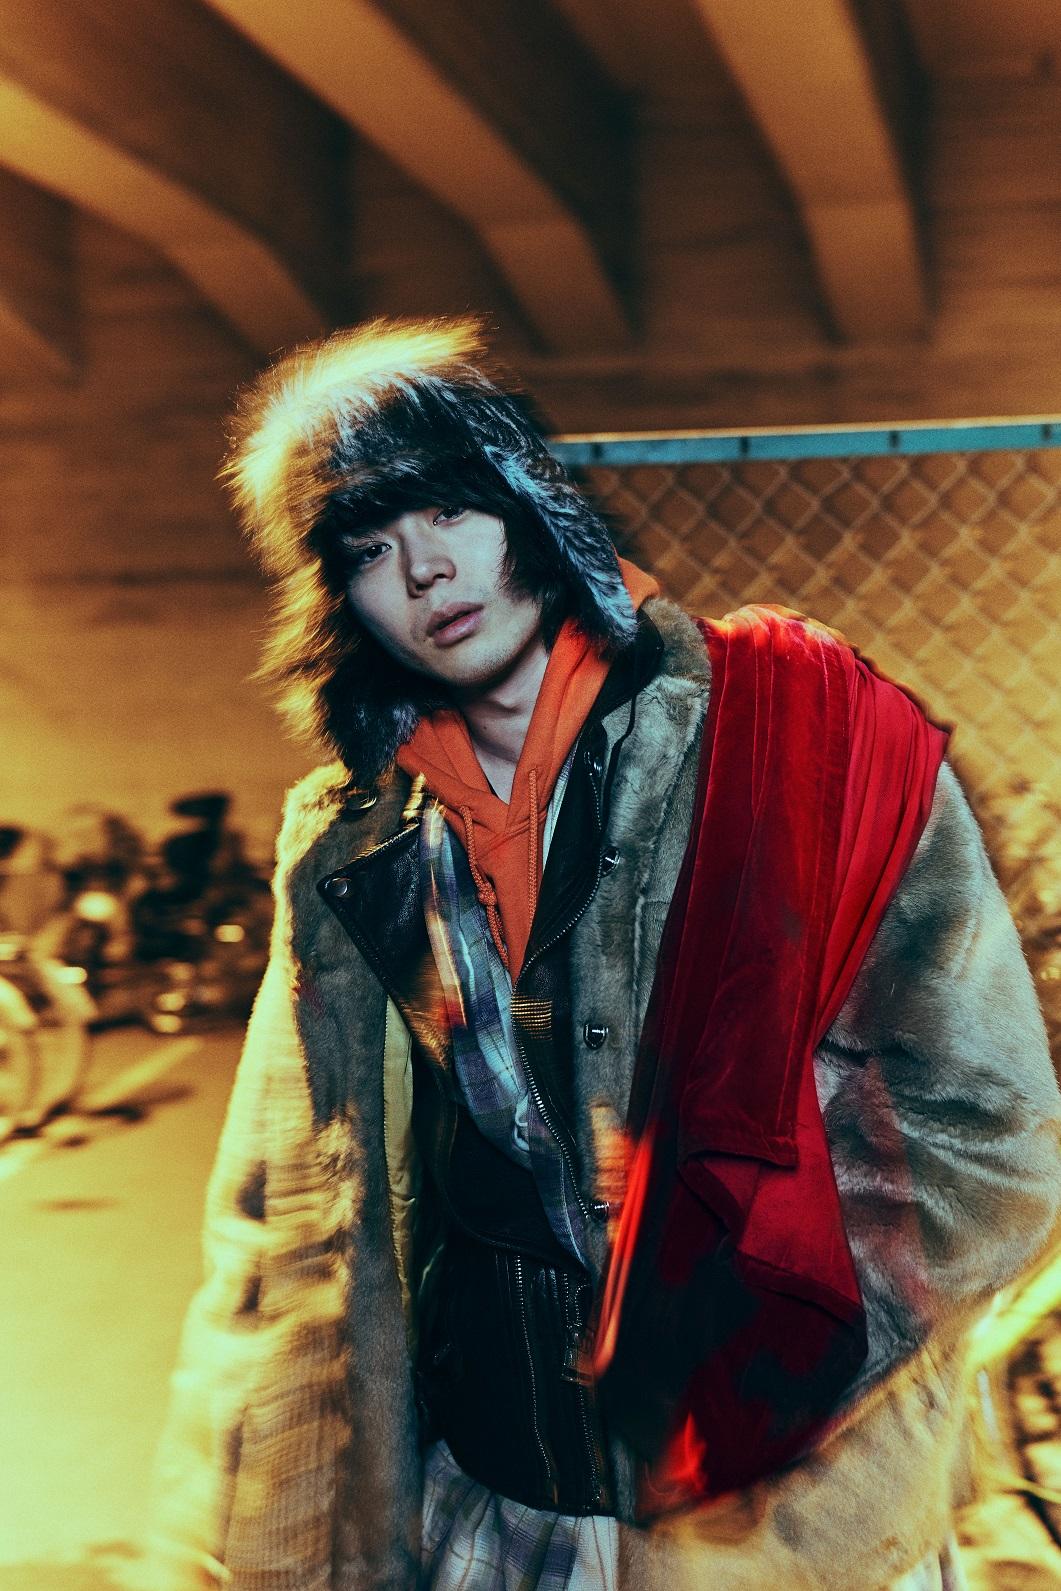 菅田将暉、三四郎・相田を「変人でしょ絶対」と思ったエピソード明かし「ぶっ飛んでる」「メンタルすげー」の声サムネイル画像